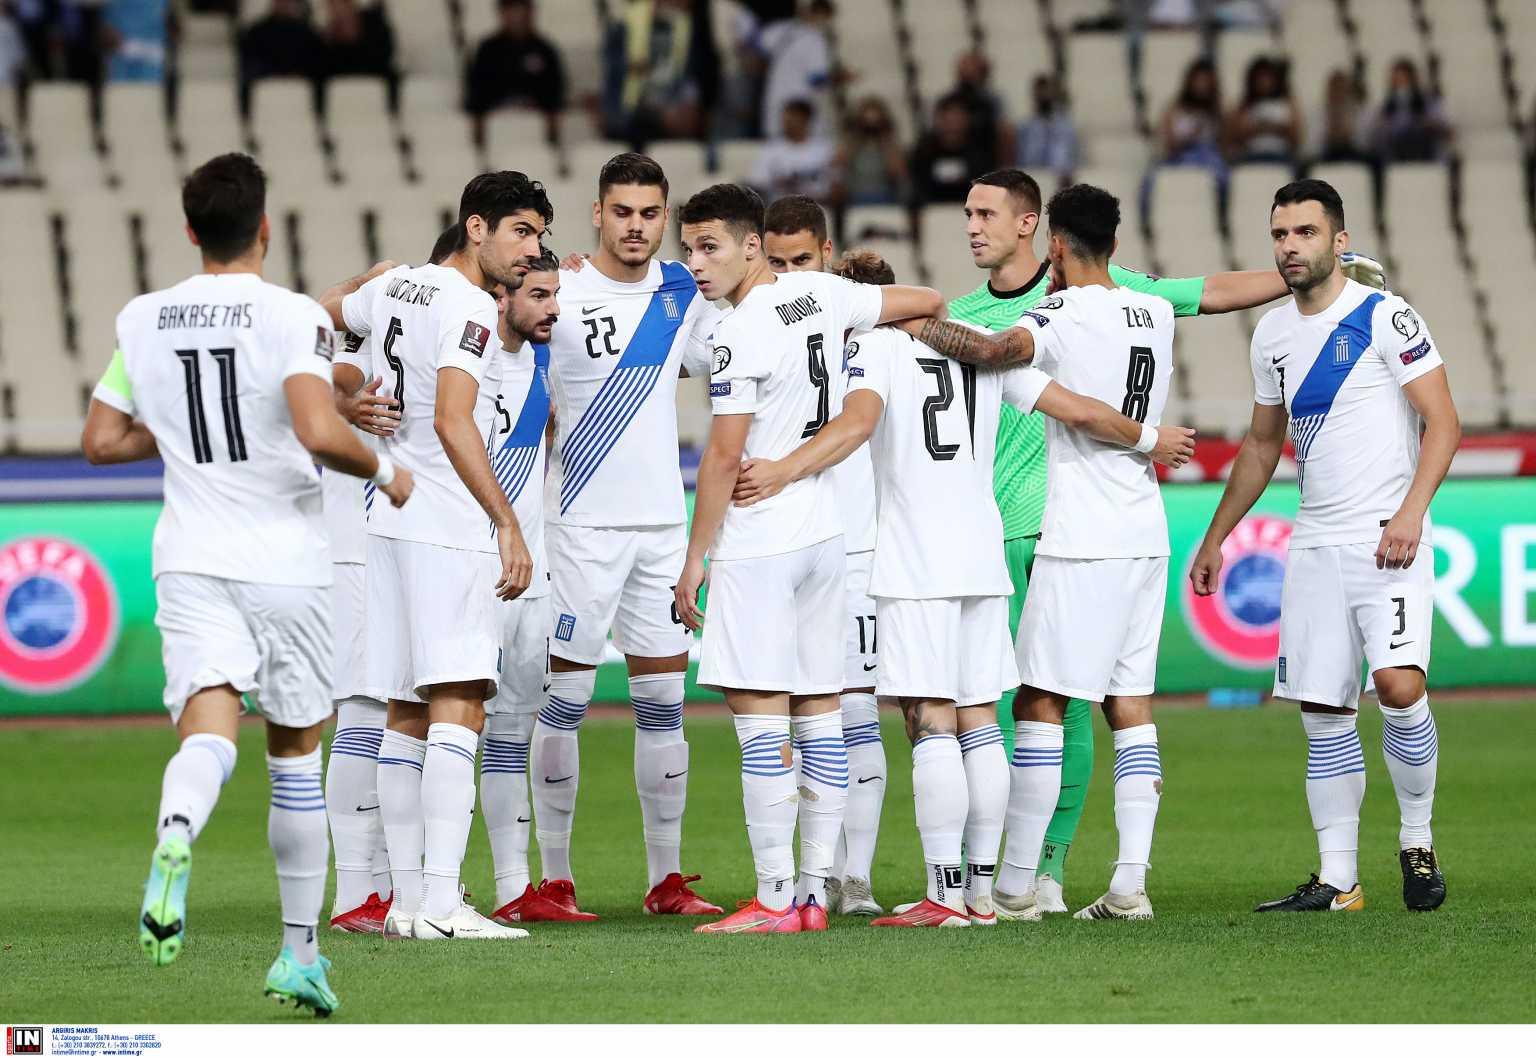 Προκριματικά Παγκοσμίου Κυπέλλου 2022: Τα εισιτήρια της Εθνικής Ελλάδας για τα παιχνίδια με Ισπανία και Κόσοβο